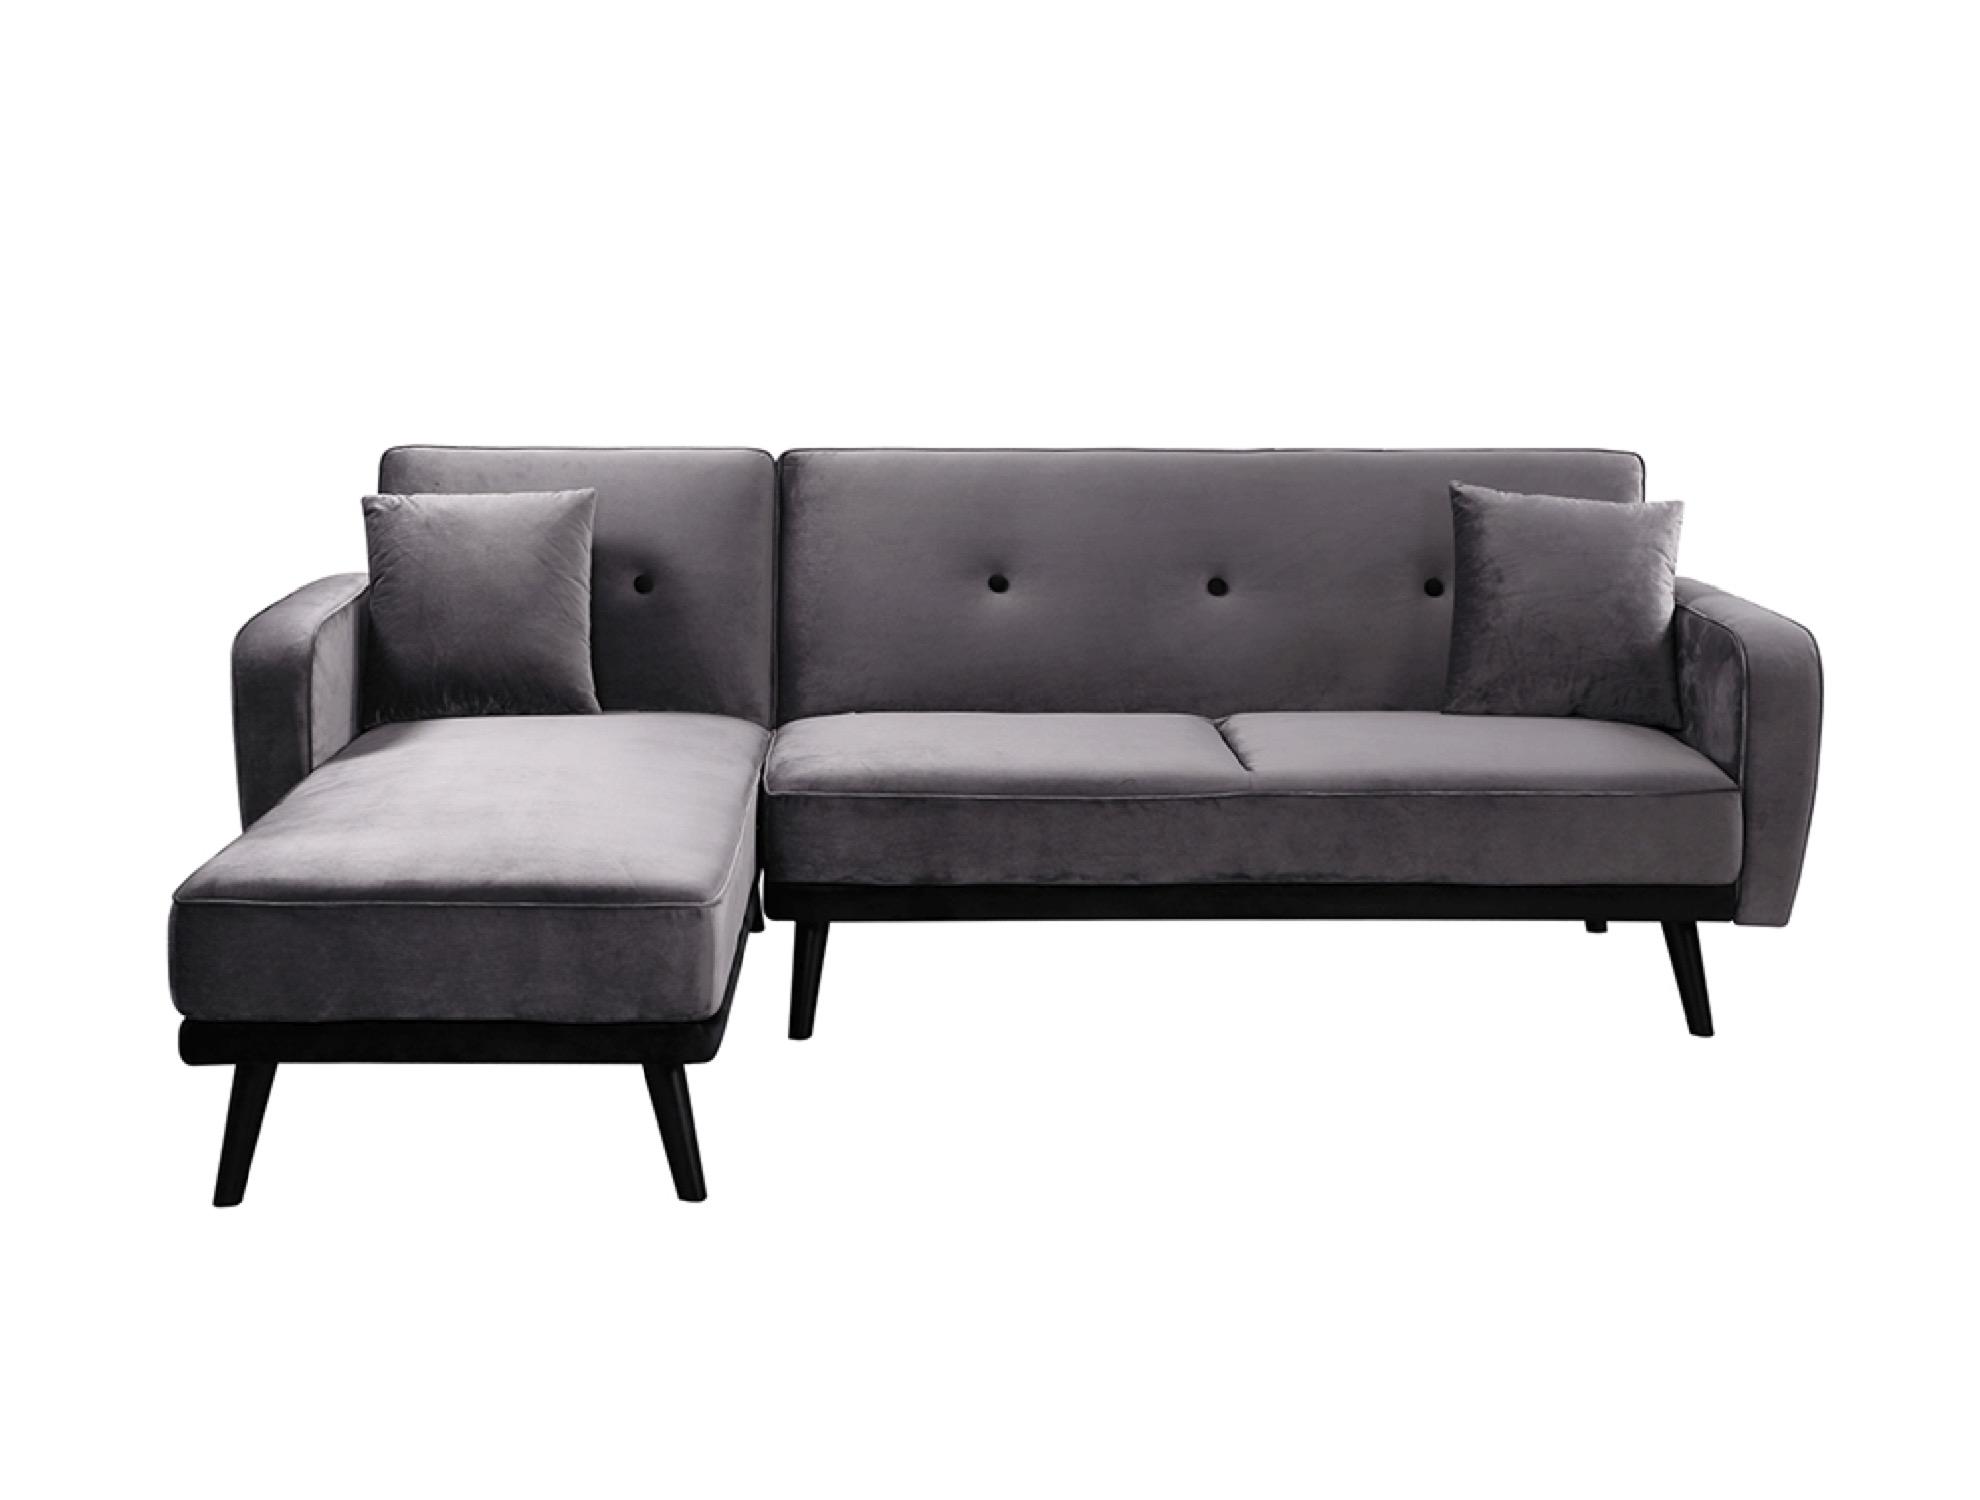 Canapé d'angle Noir Velours Design Confort